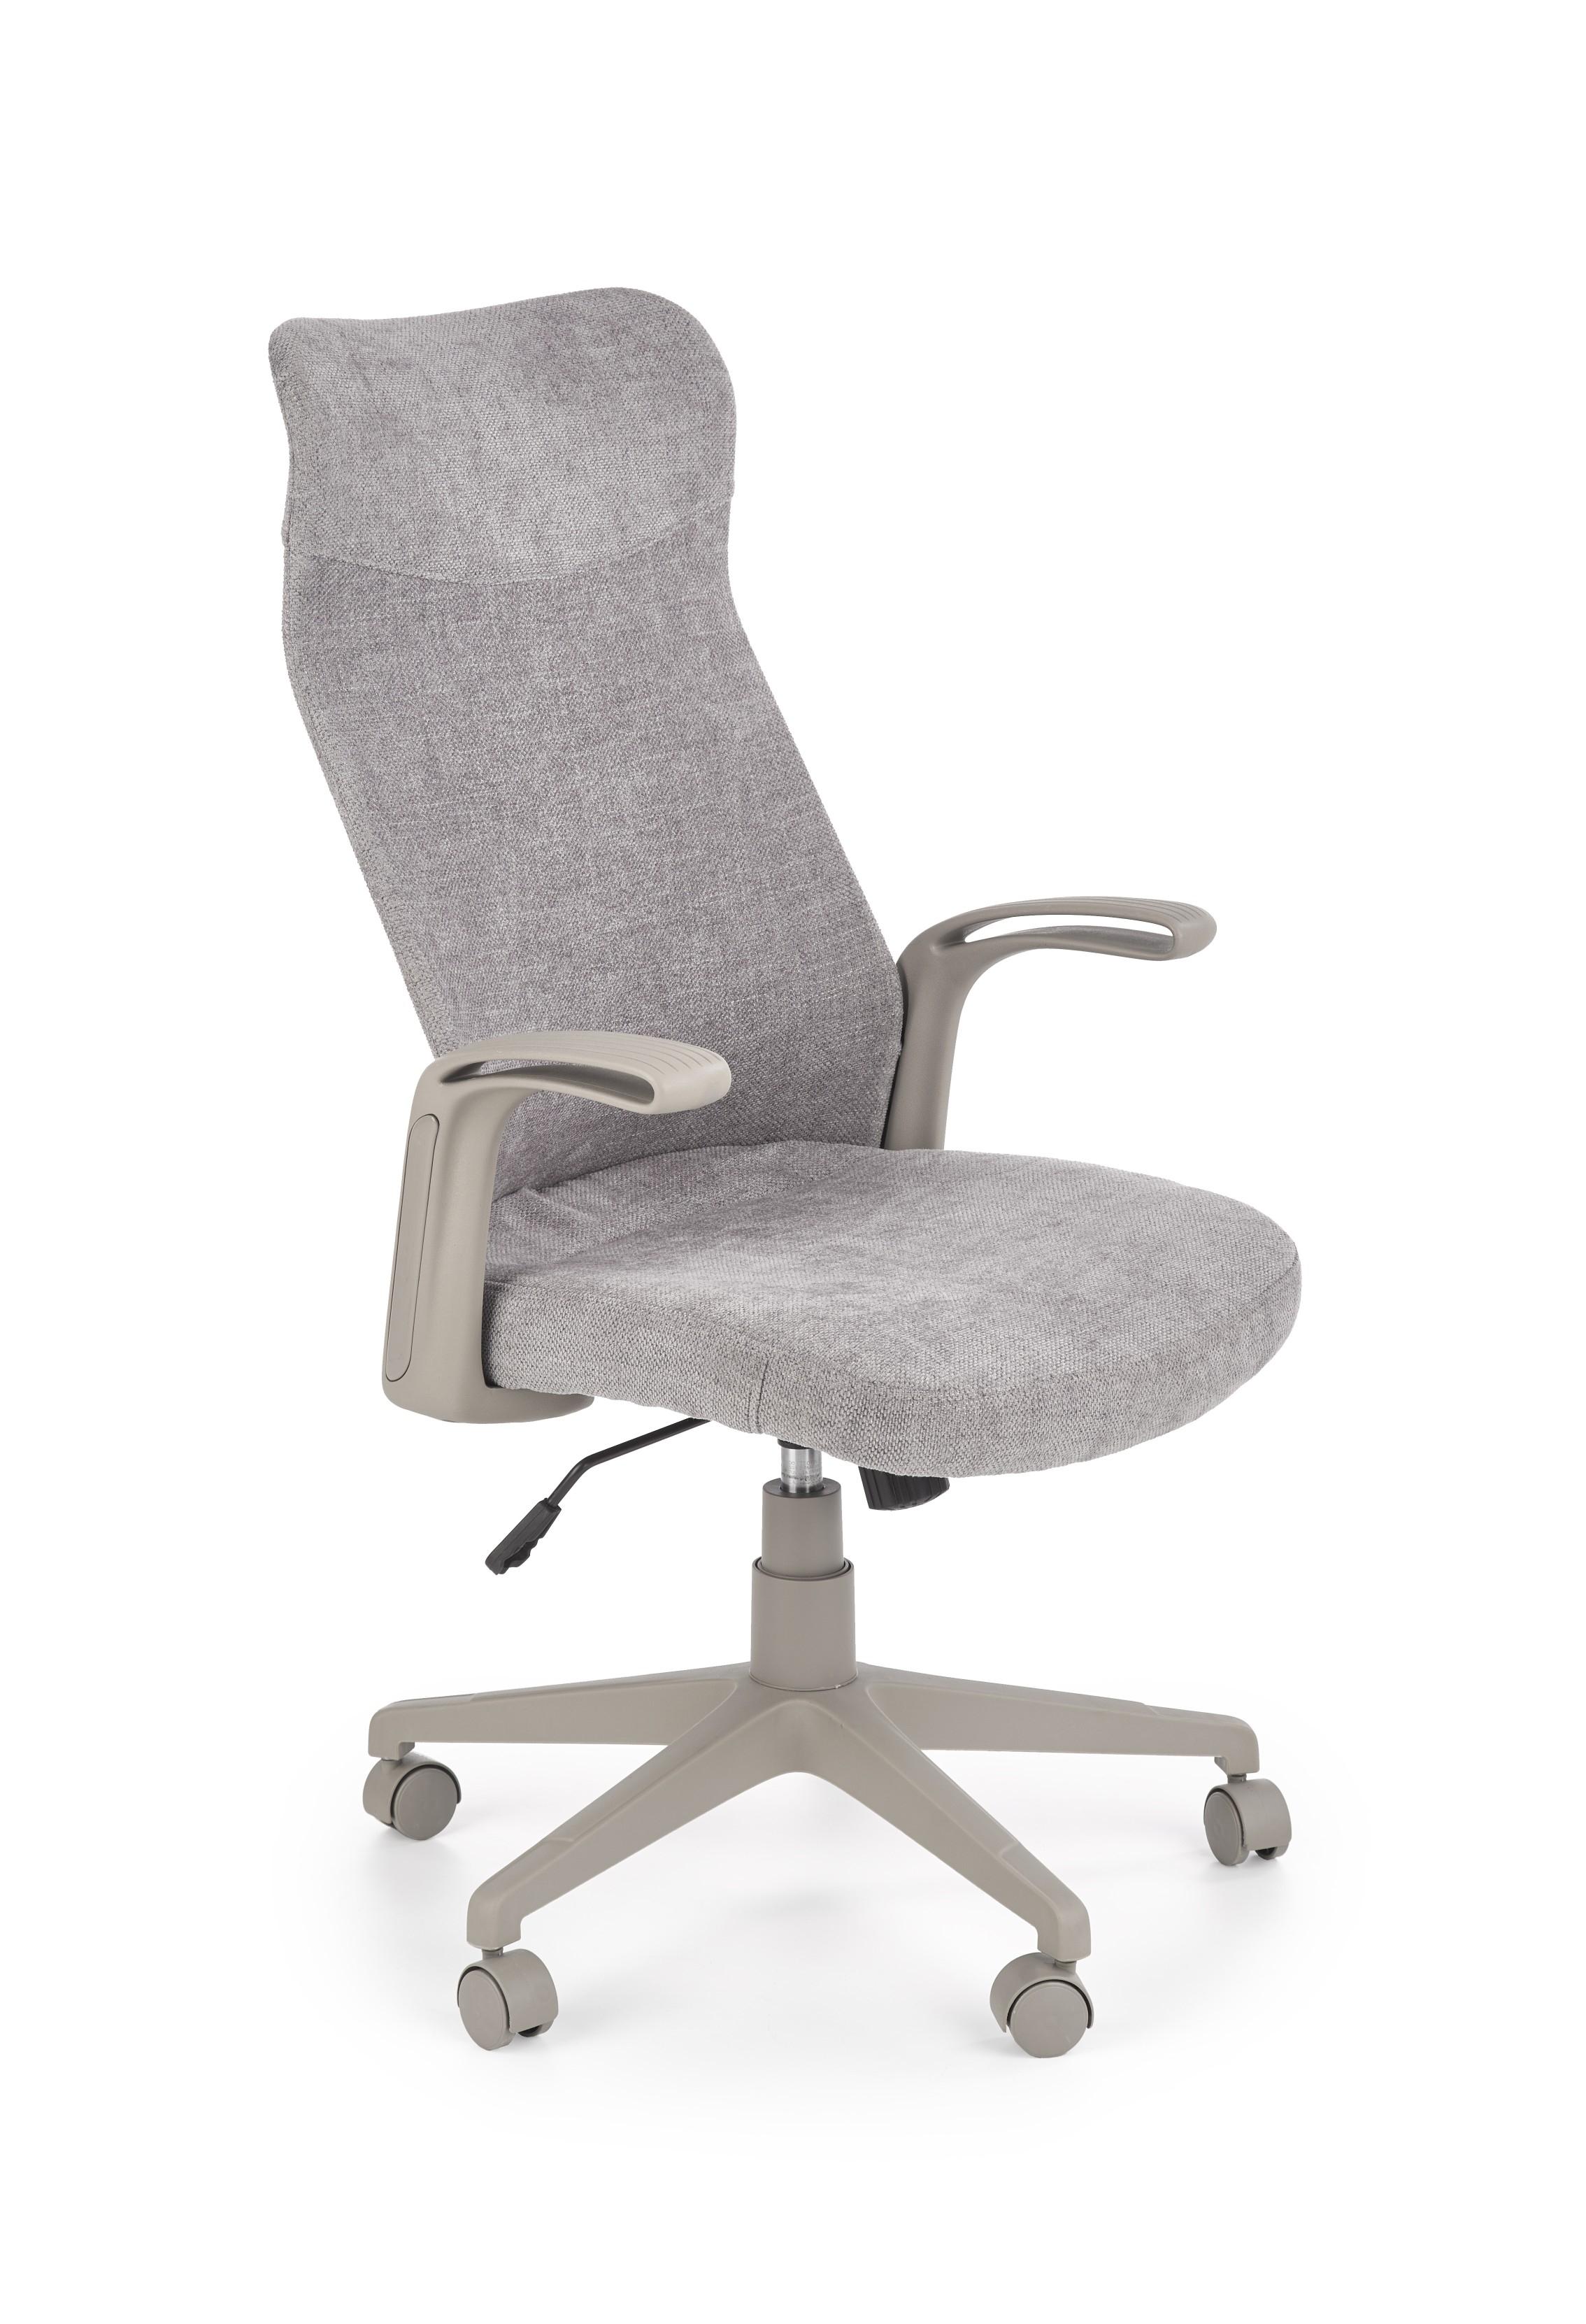 Scaun de birou ergonomic tapitat cu stofa Arctic Gri deschis / Gri, l62xA62xH62-110 cm poza